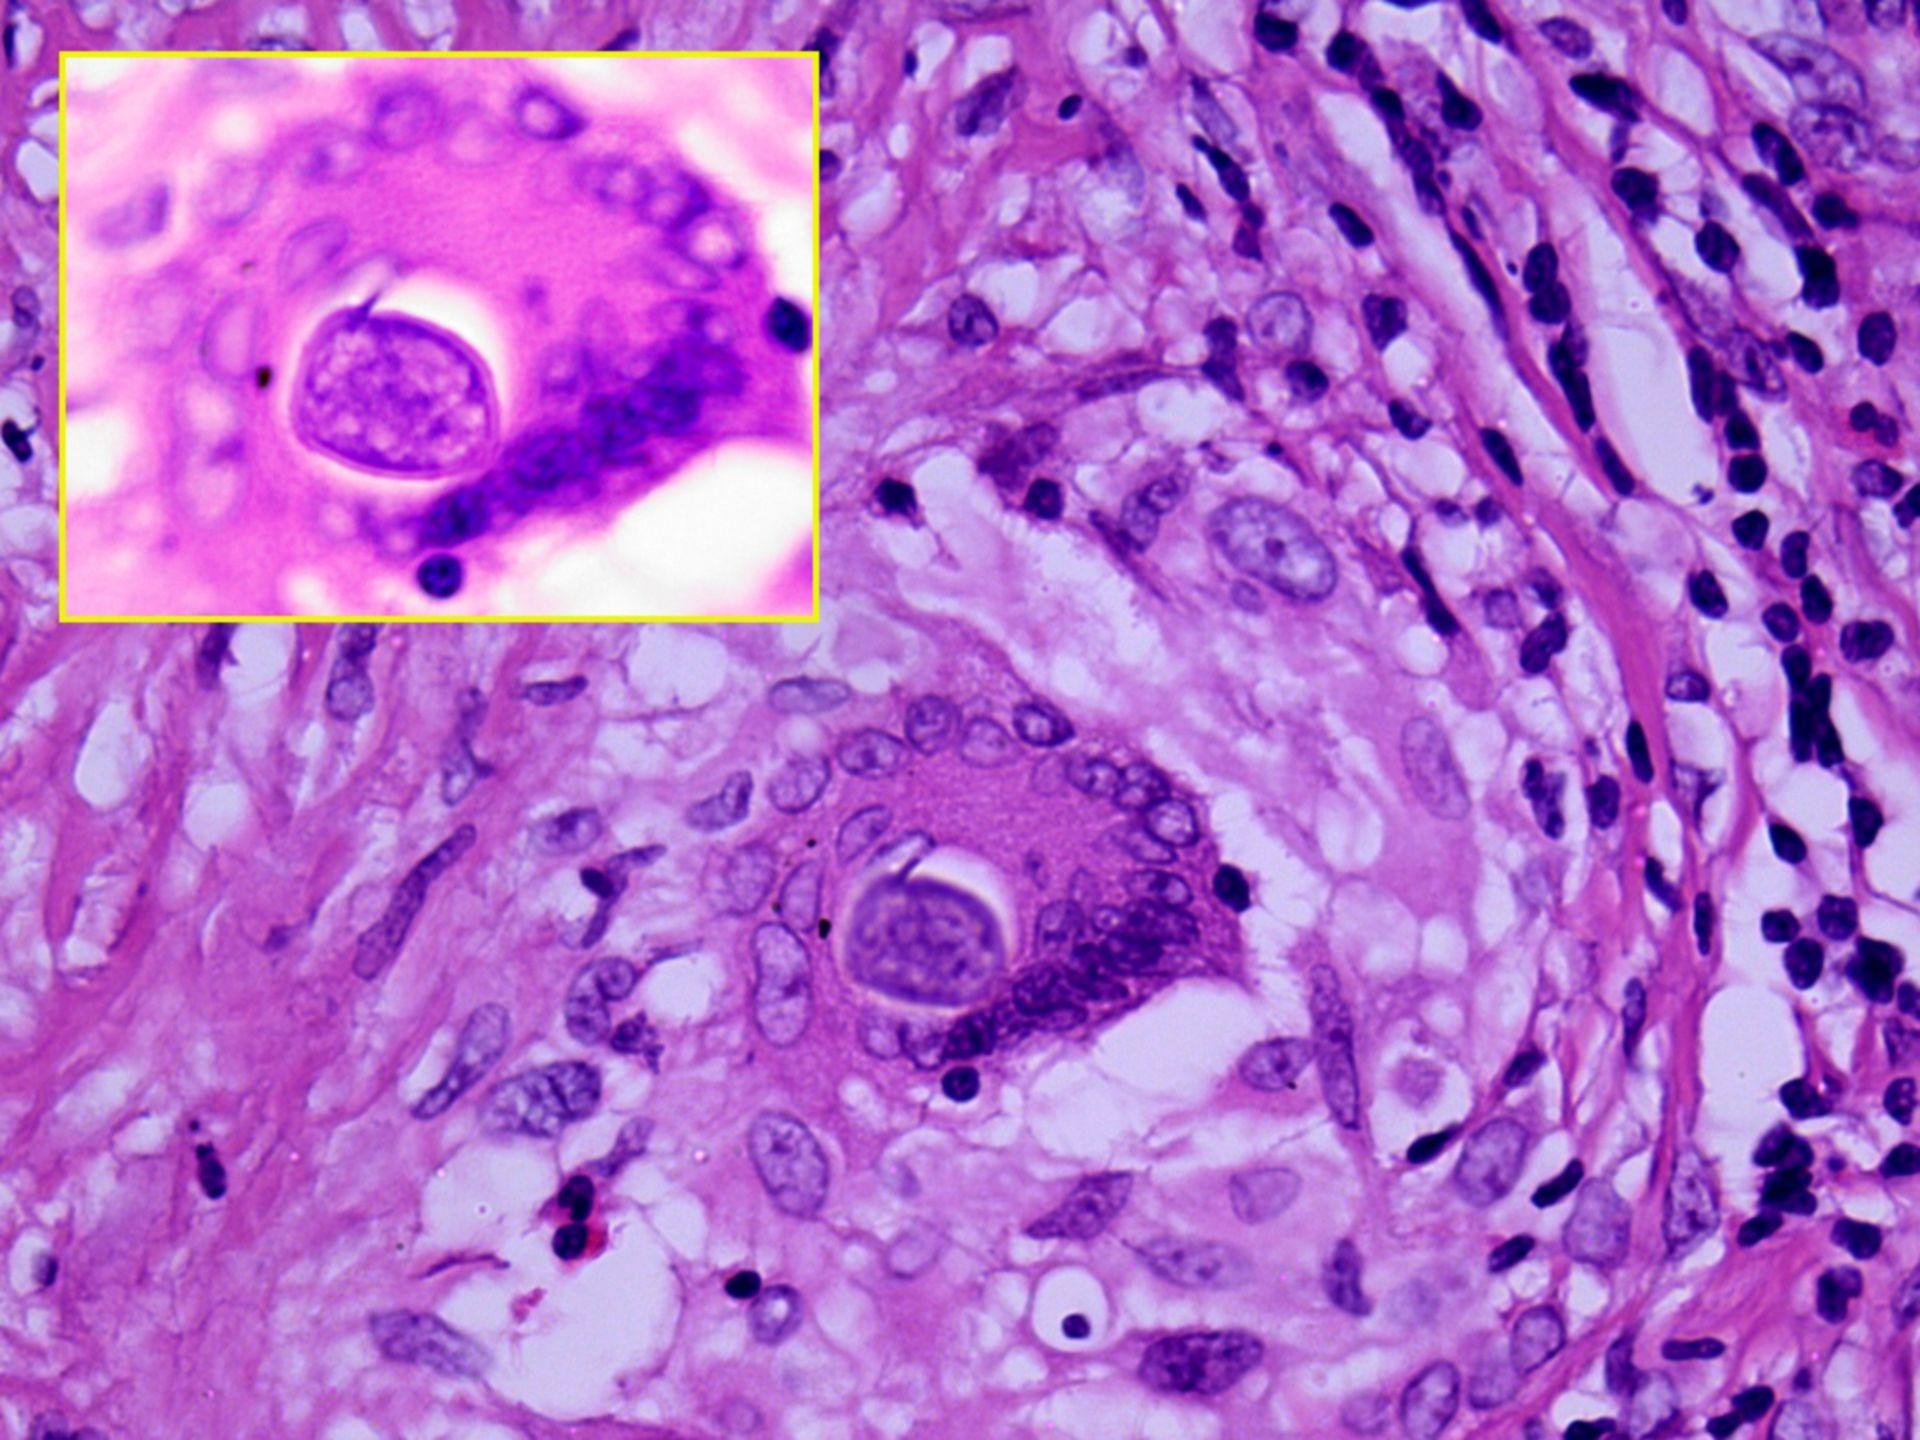 Coccidiodomycosis organism